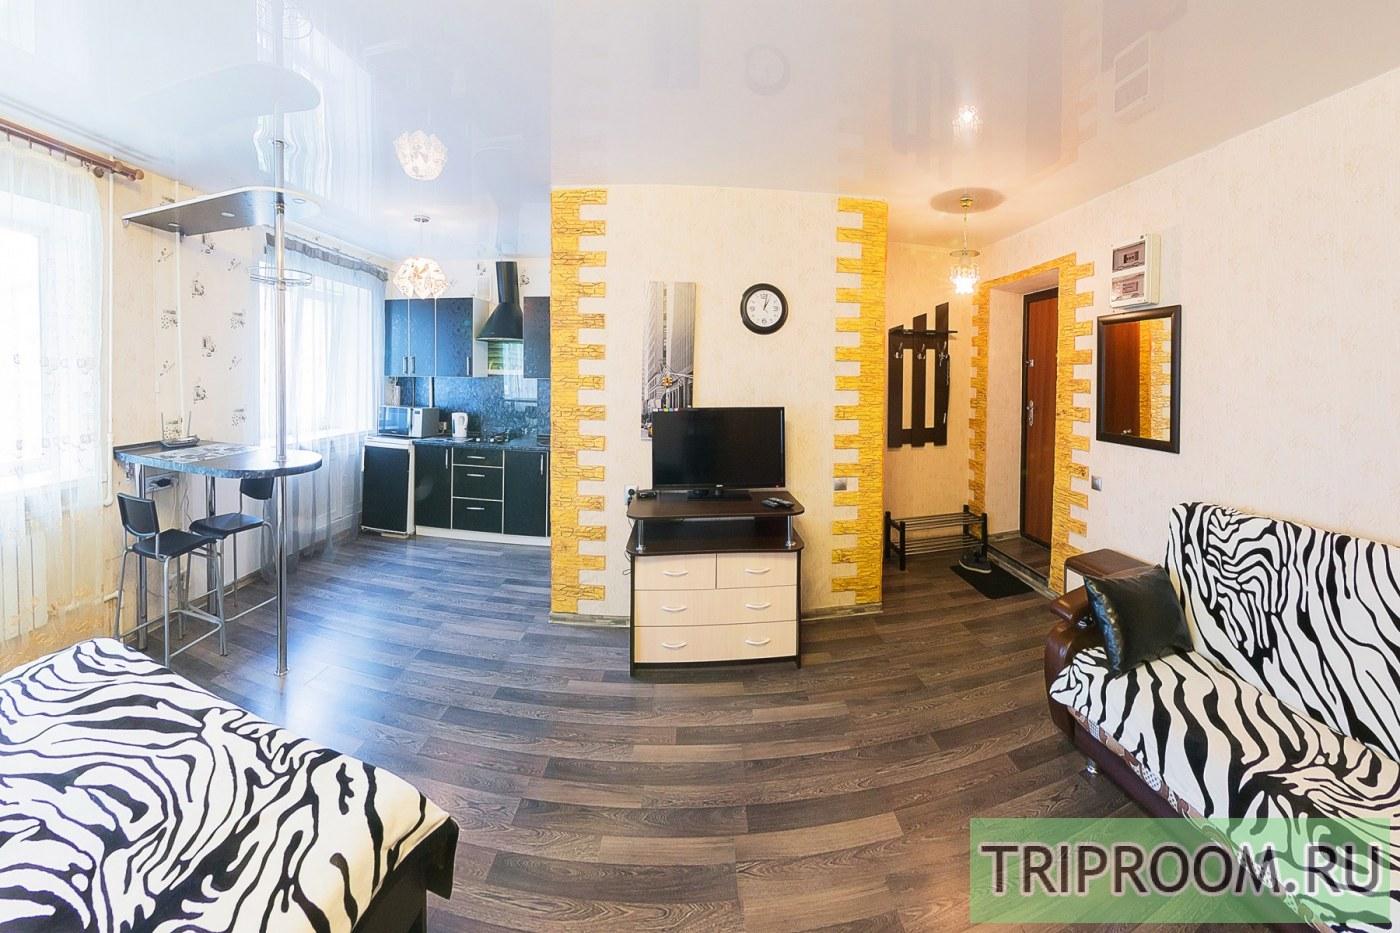 1-комнатная квартира посуточно (вариант № 39190), ул. Ватутина улица, фото № 4